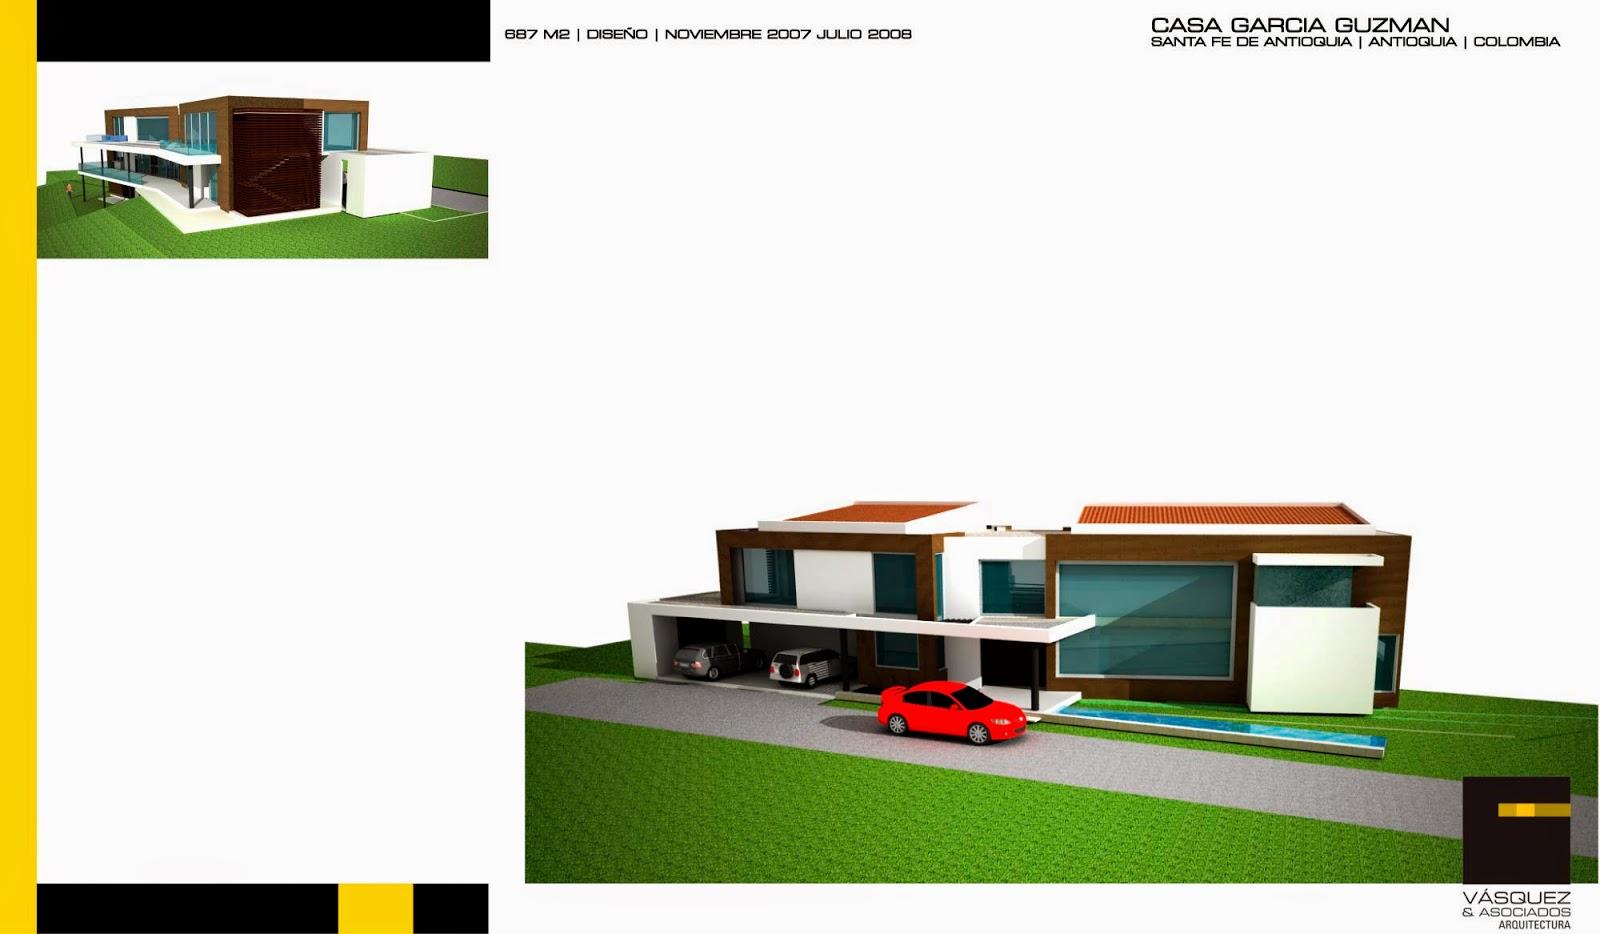 Vasquez y asociados arquitectura ltda casa ggz for Genesis arquitectura y diseno ltda